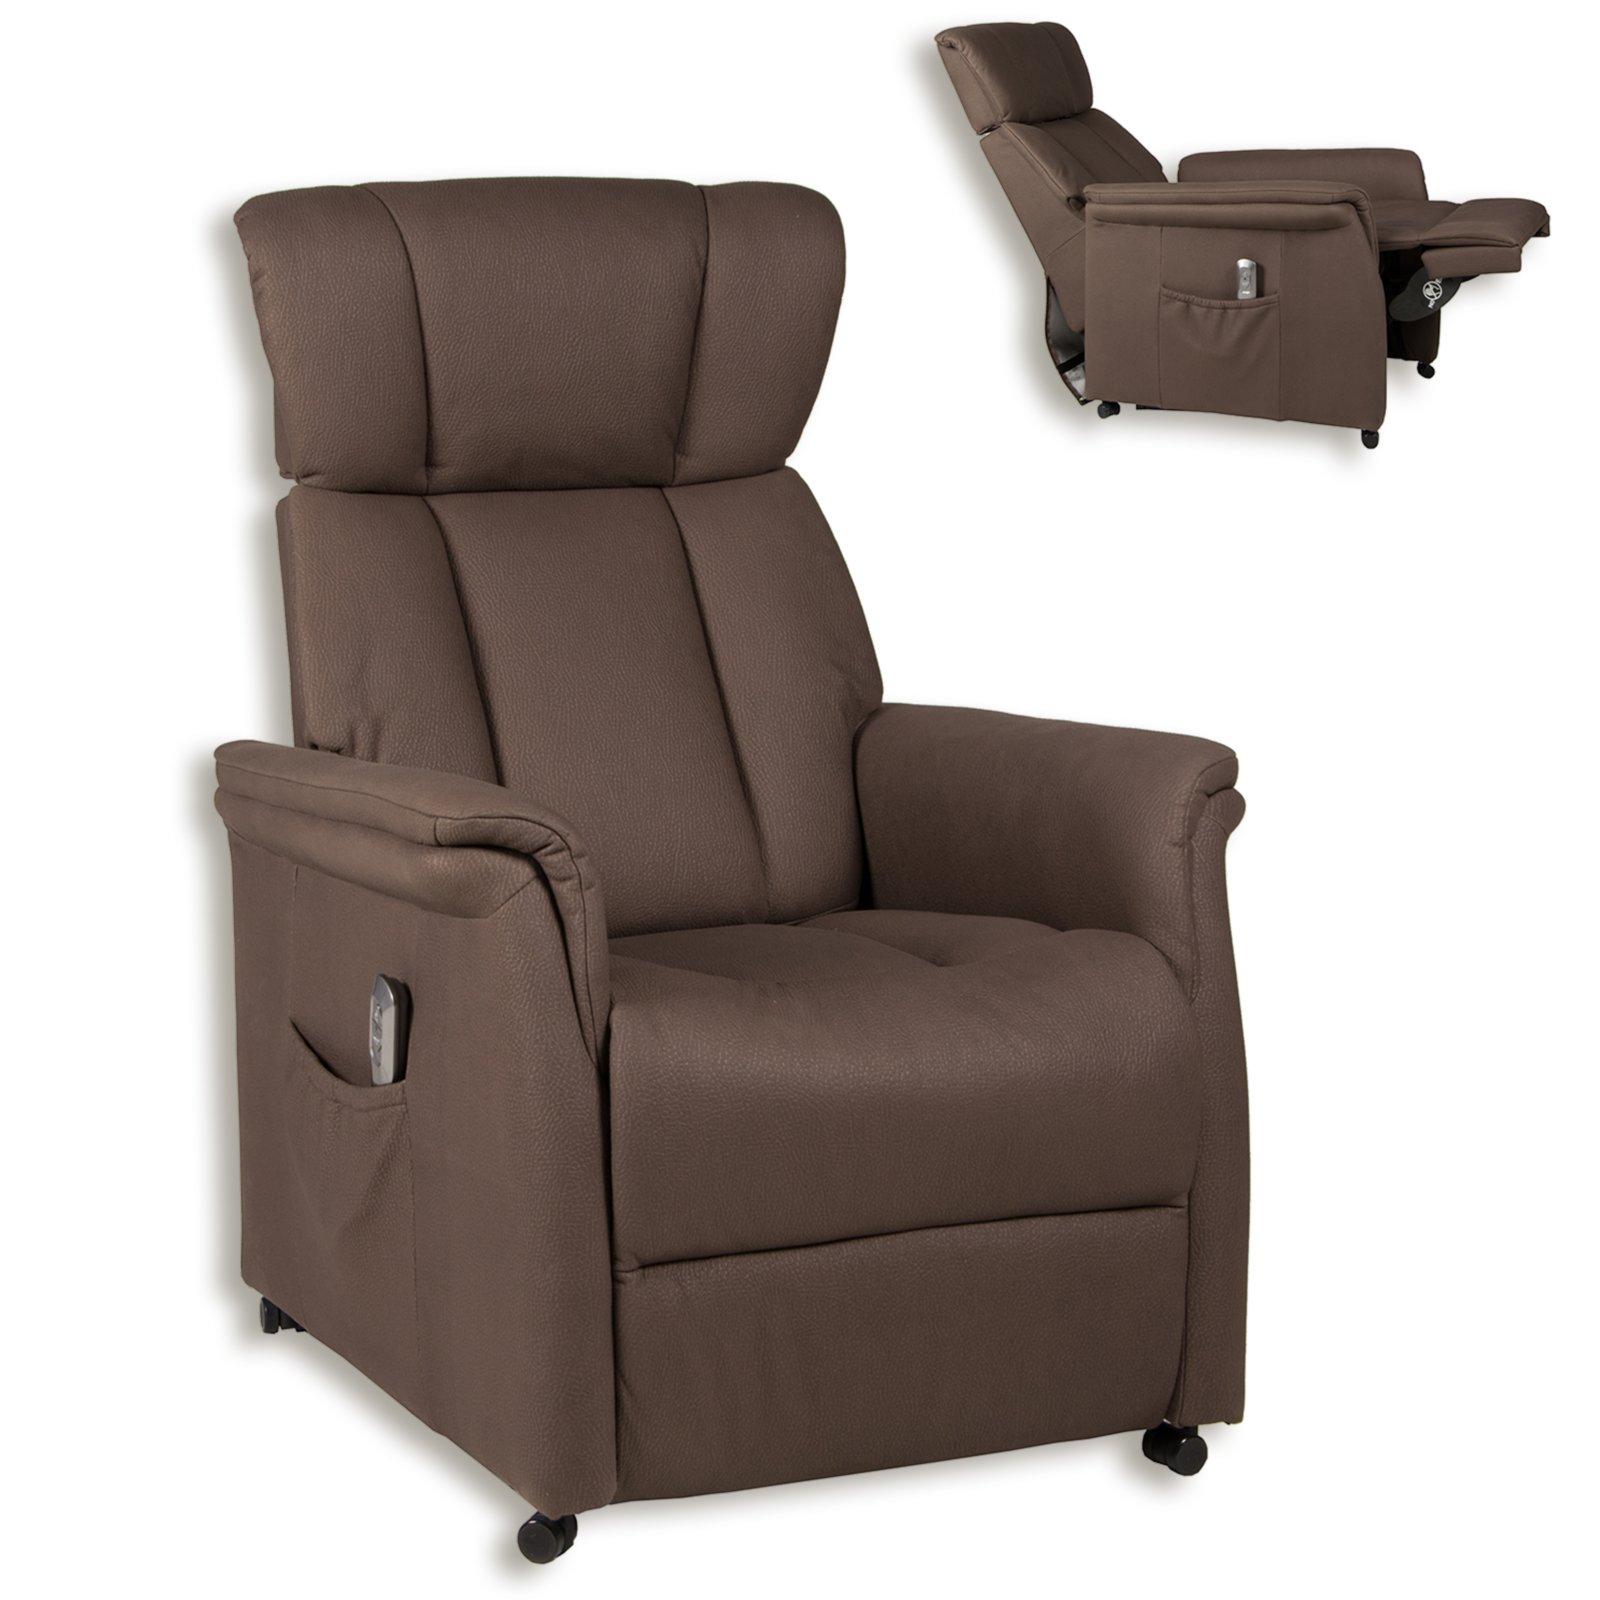 roller tv sessel braun microfaser motor und. Black Bedroom Furniture Sets. Home Design Ideas